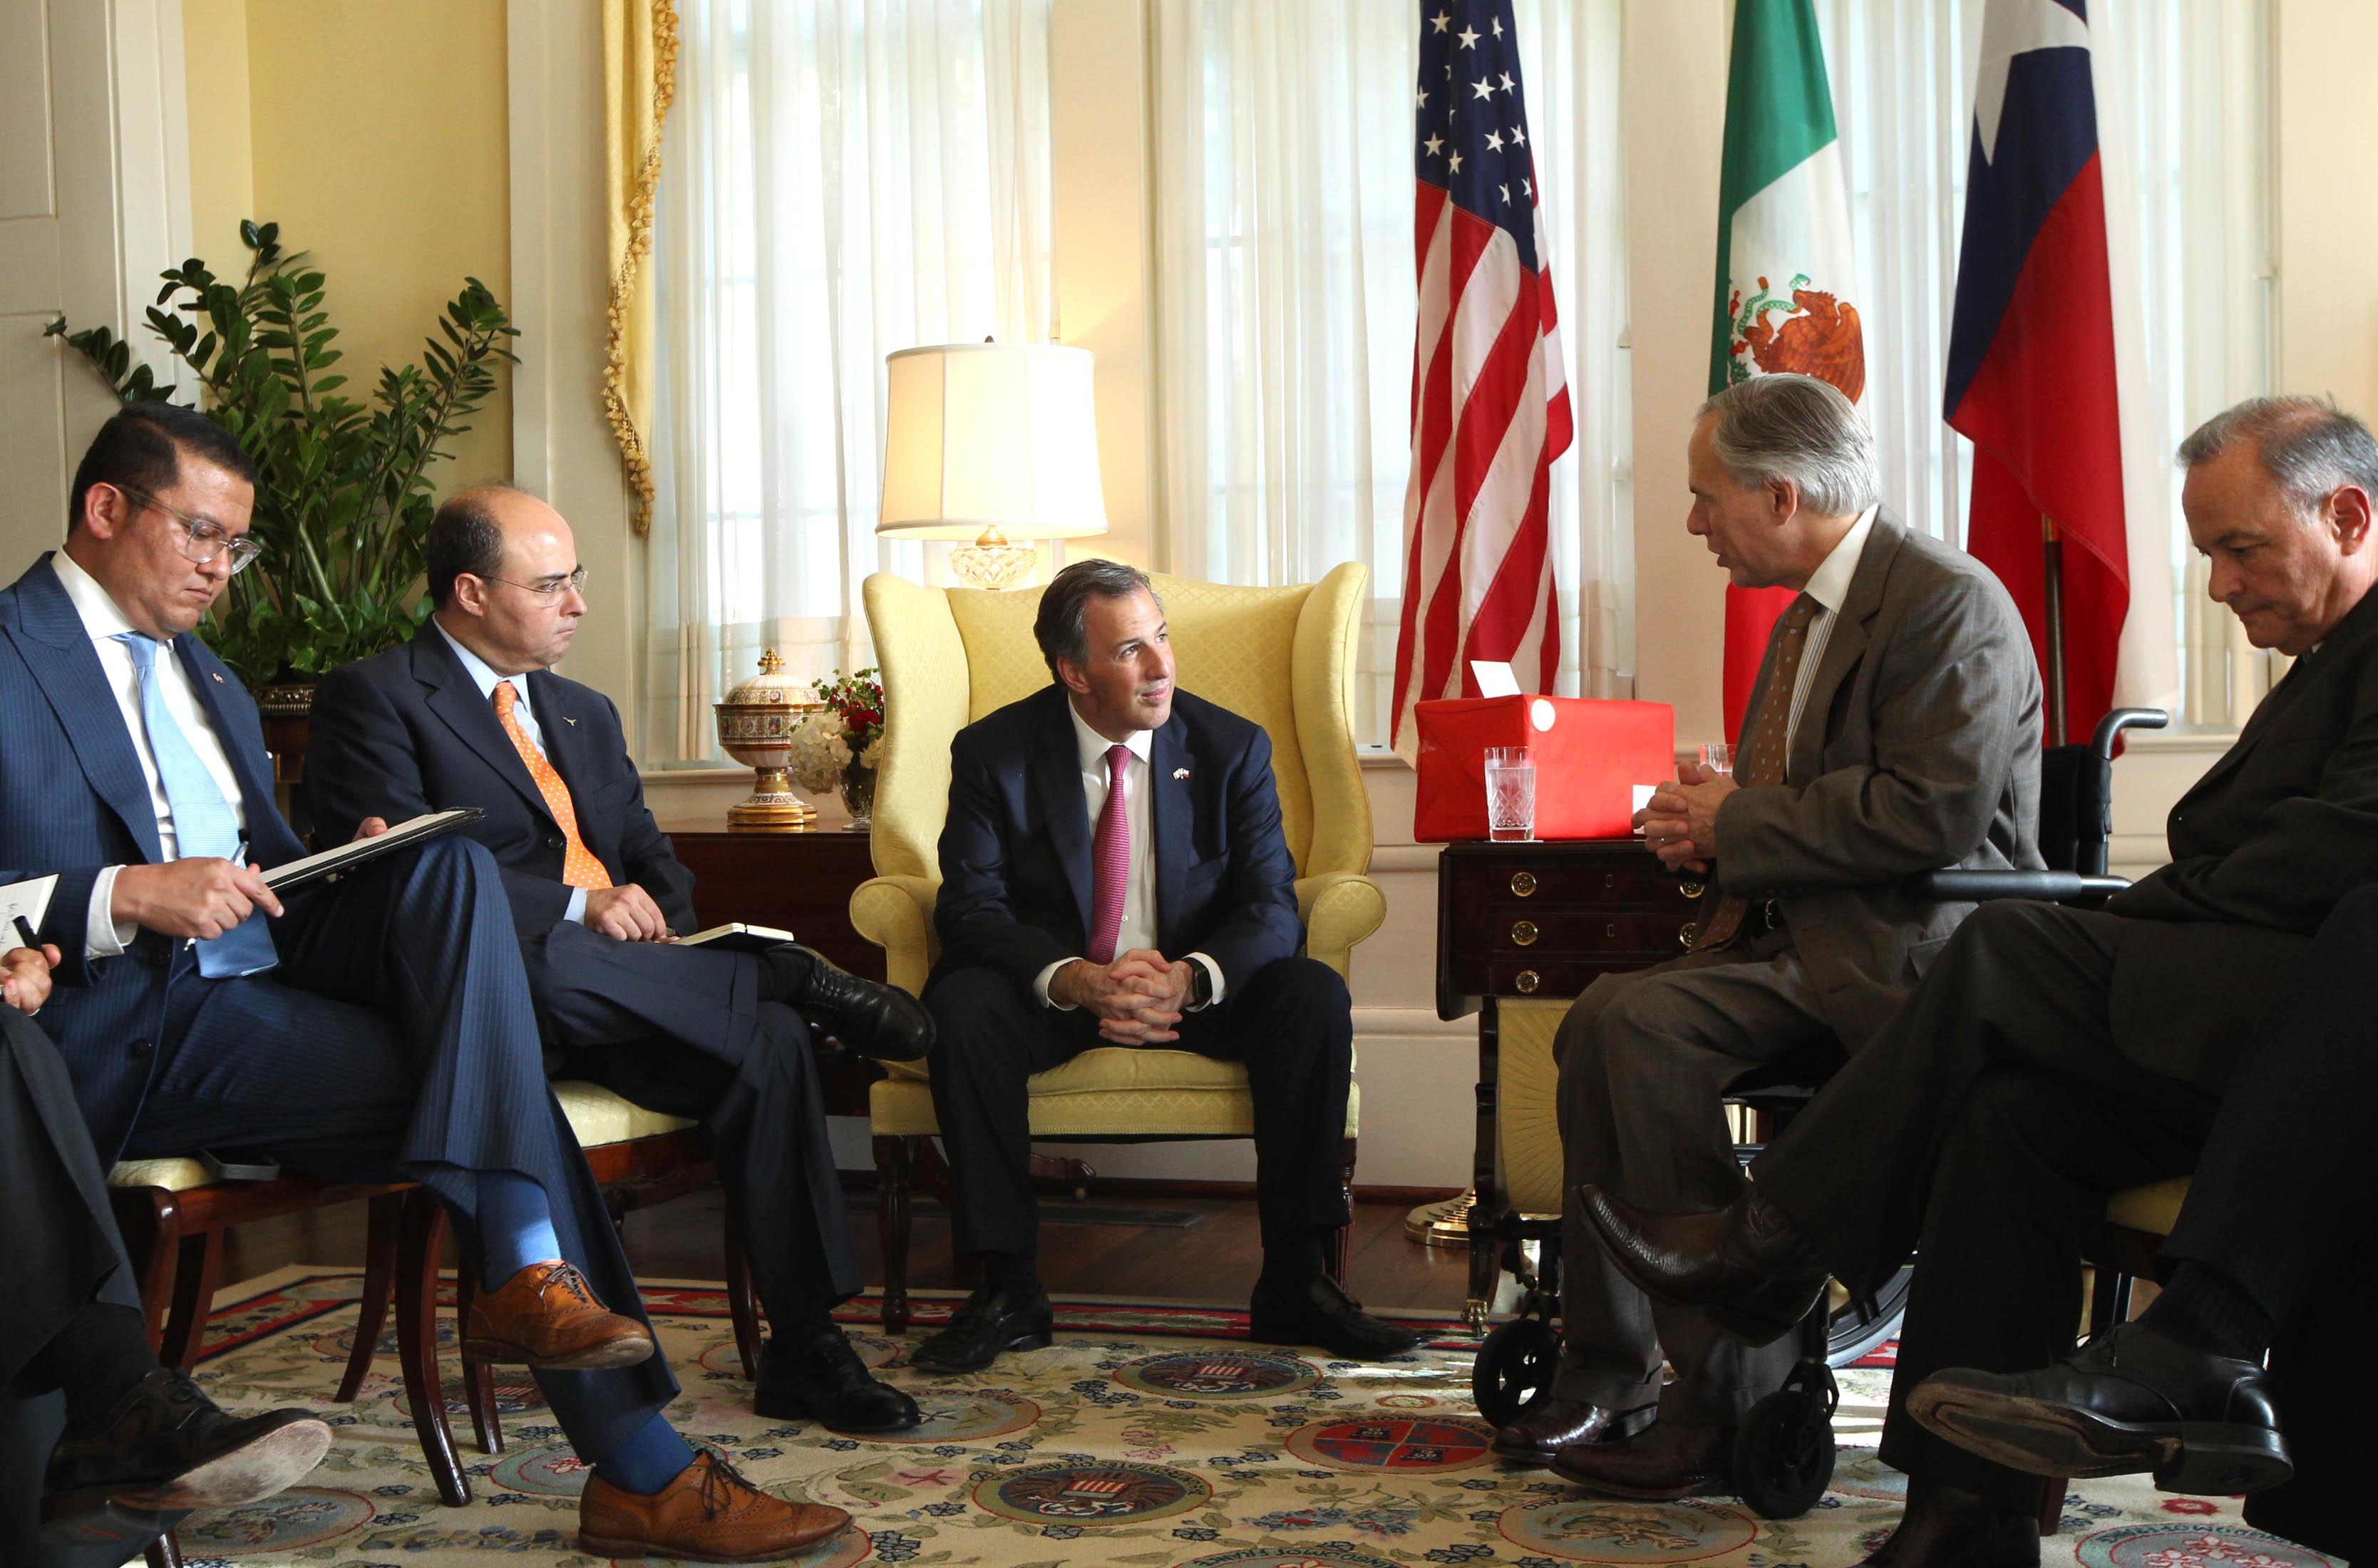 FOTO 2 Canciller Jos  Antonio Meade en encuentro con el gobernador de Texas  Greg Abbott.jpg